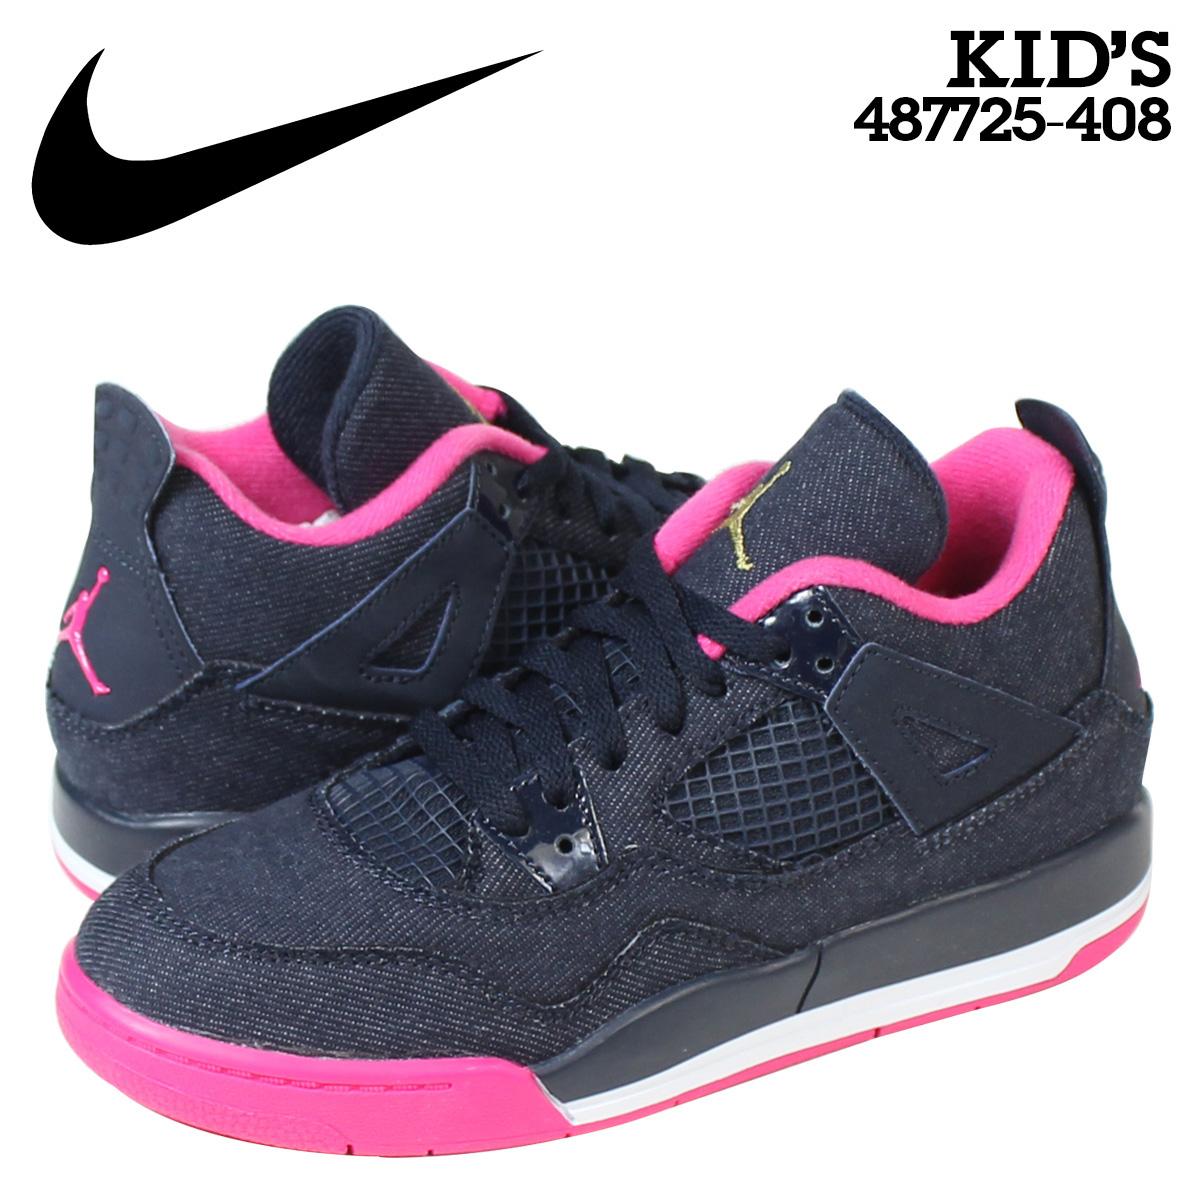 pretty nice 0145b 63dc3 Nike NIKE Air Jordan 4 nostalgic sneakers kids AIR JORDAN 4 RETRO PS DENIM  denim 487,725-408 black